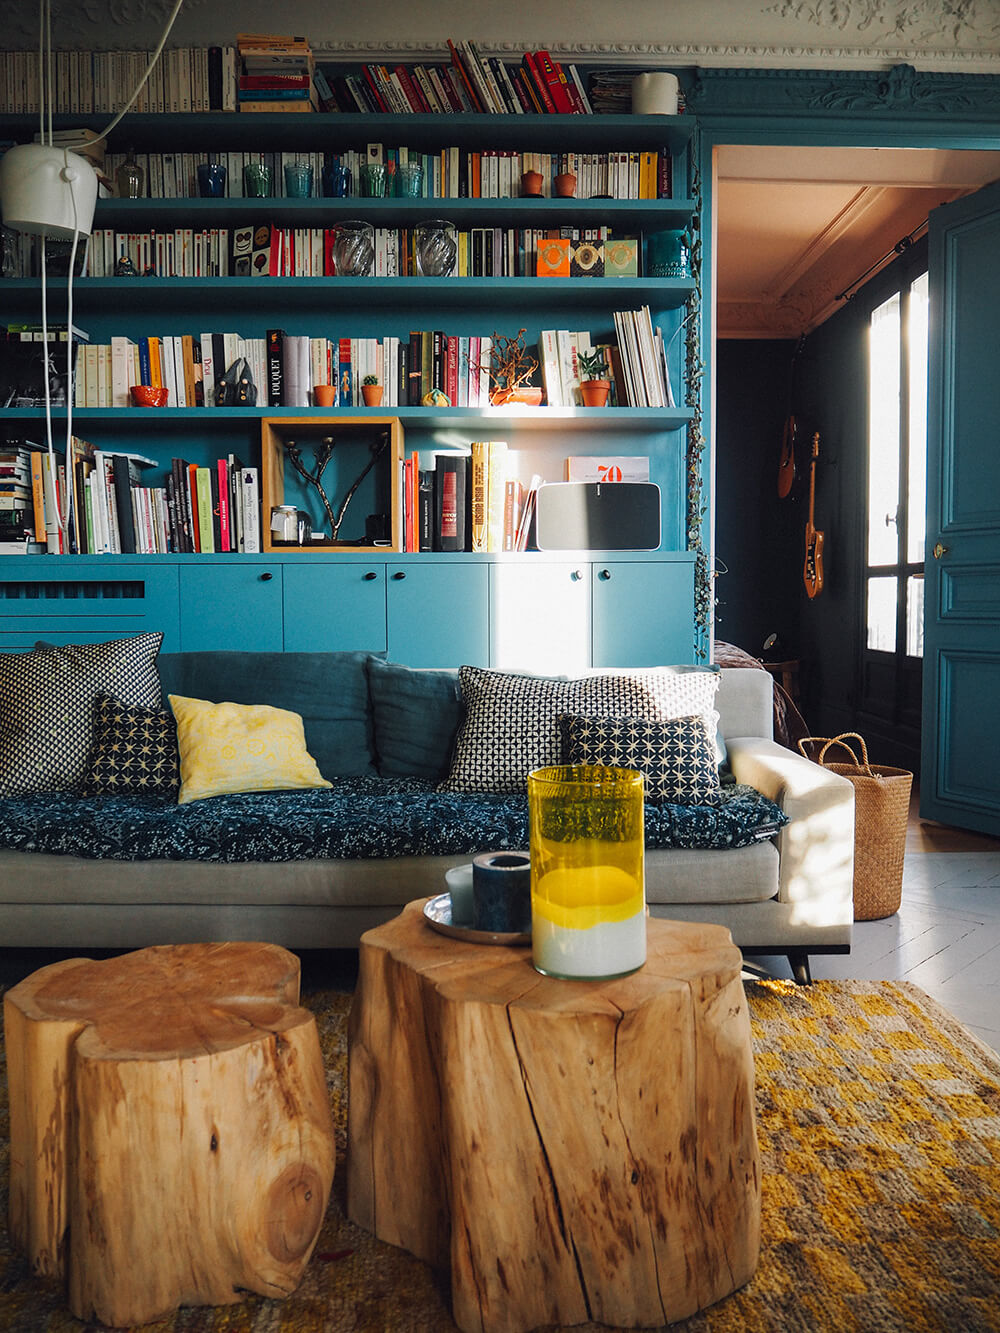 Appartement avec moulures